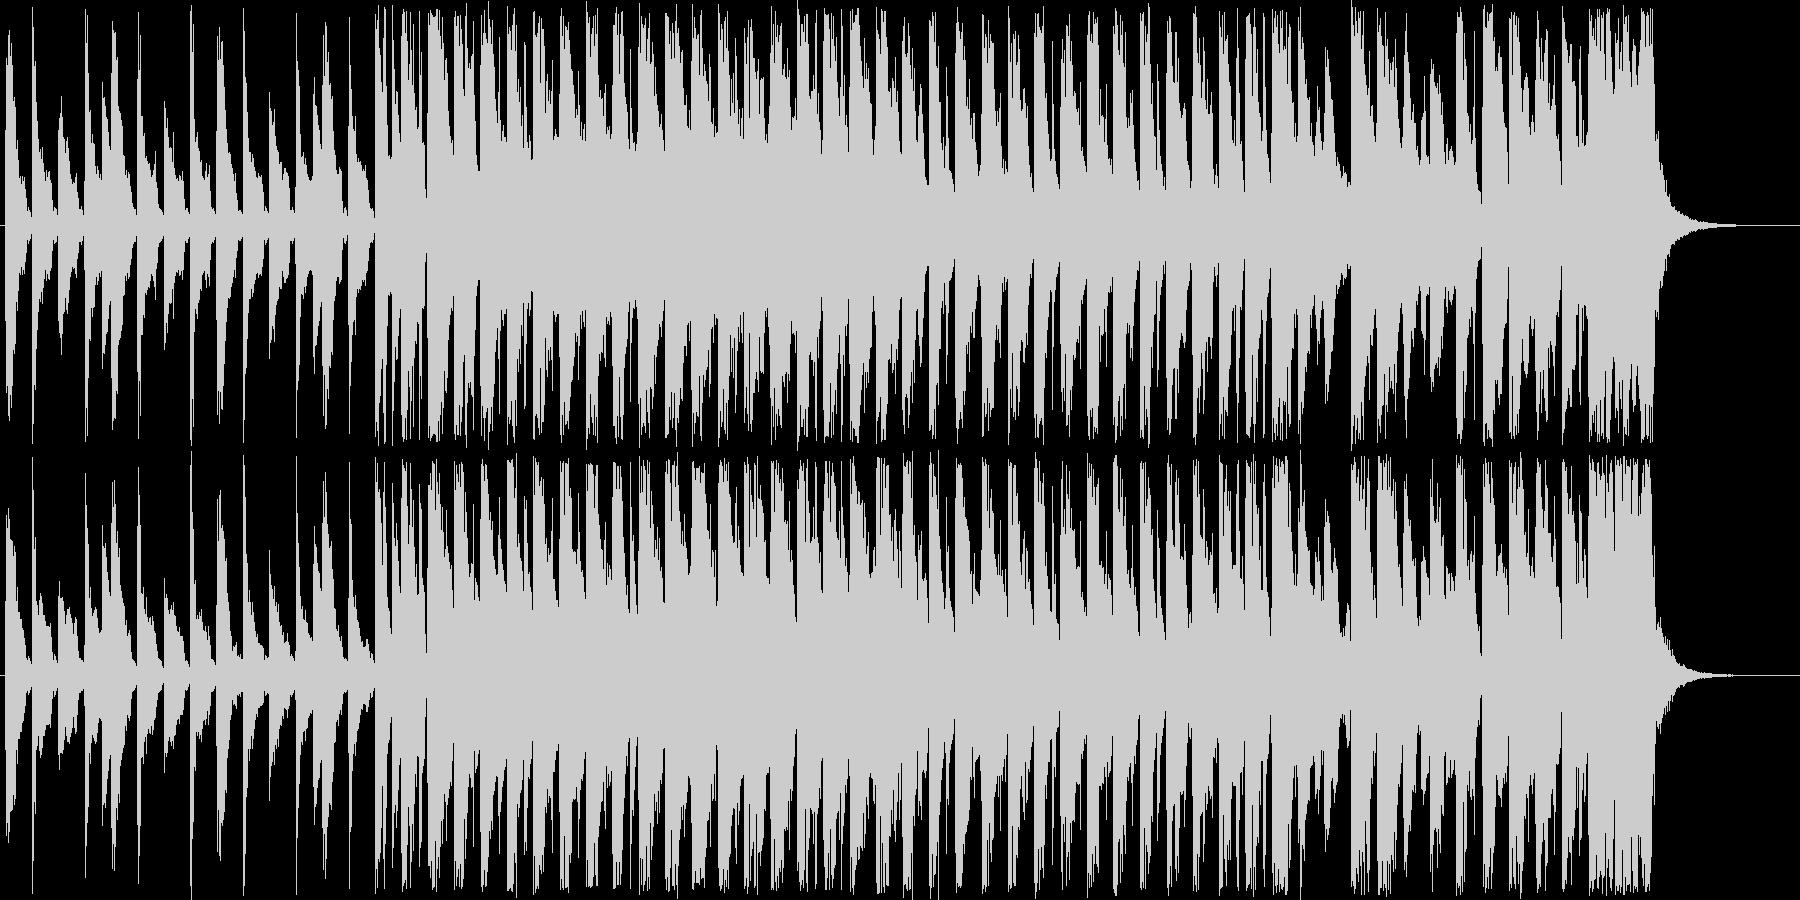 アップテンポの短めのシンセサイザーの曲の未再生の波形